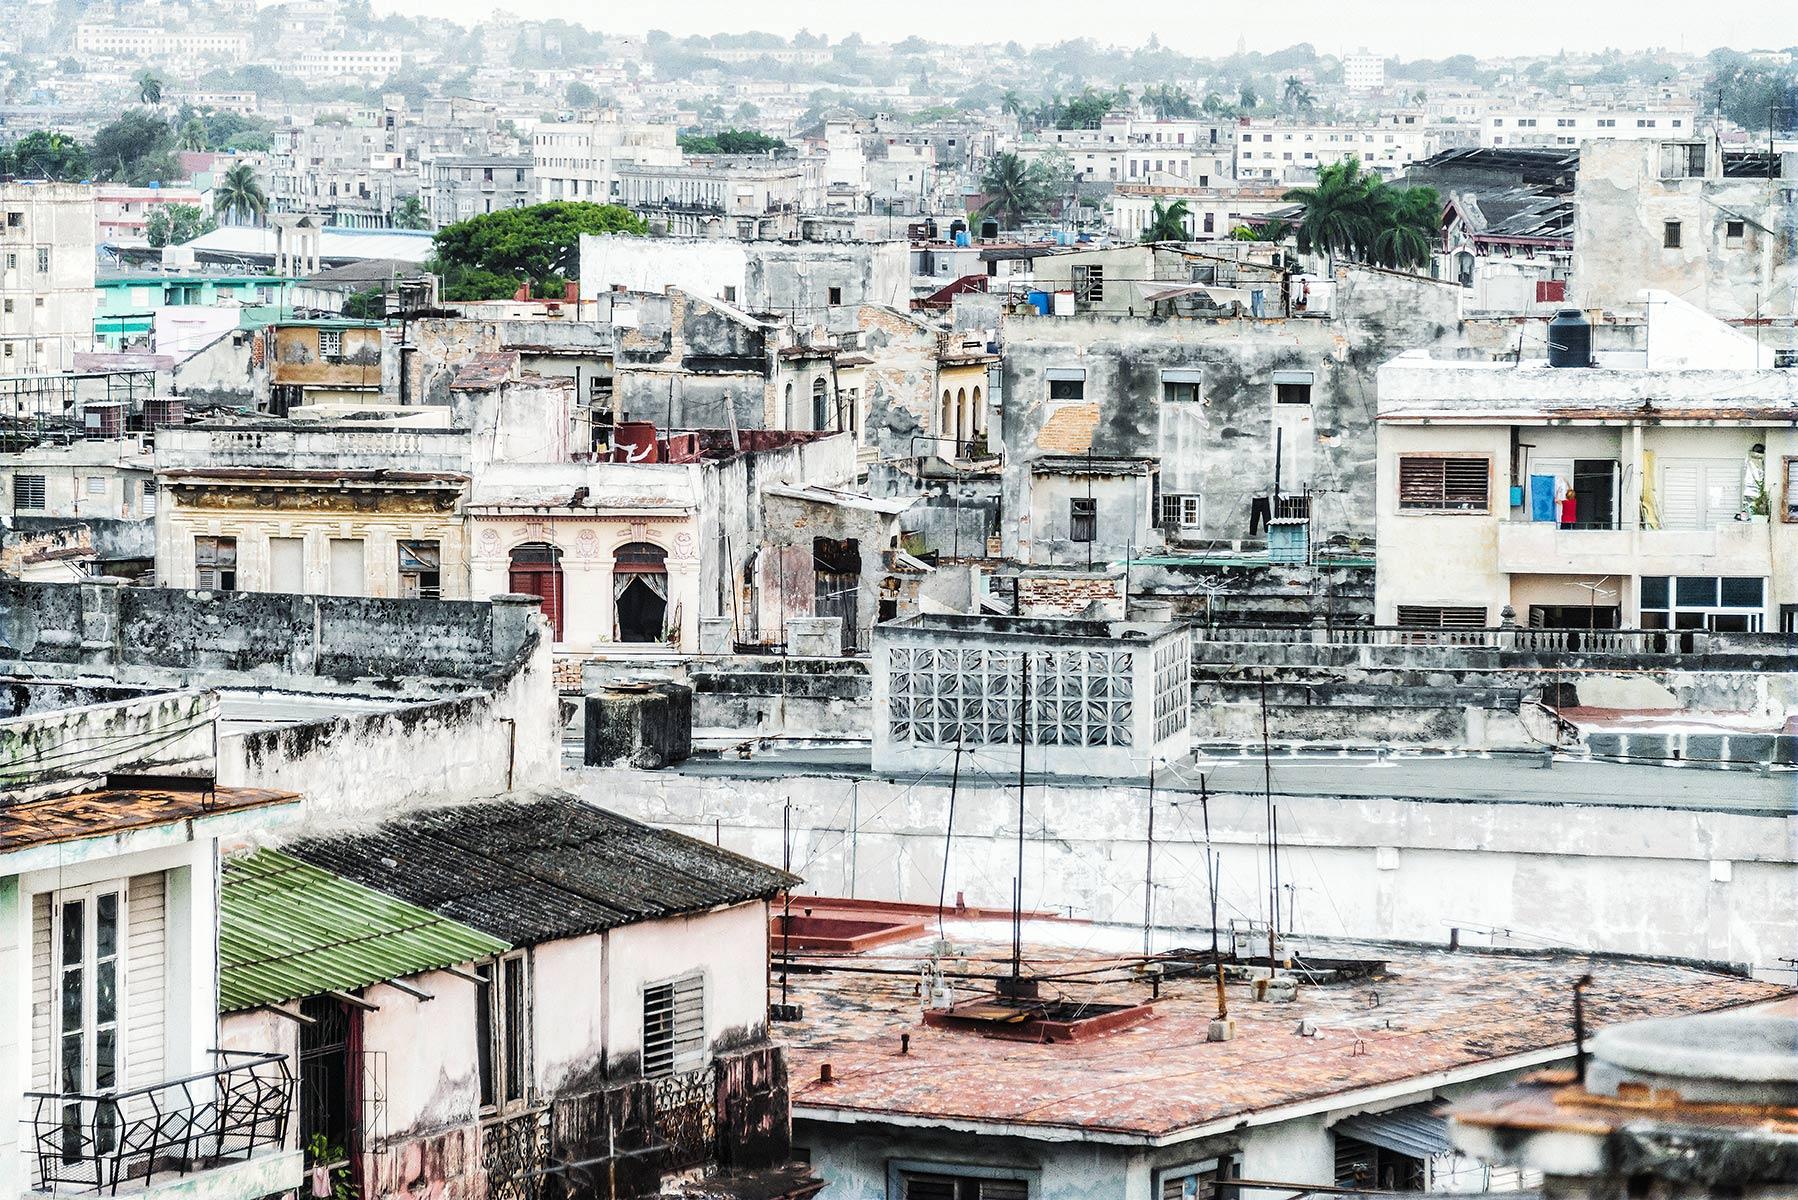 Cuba #3236